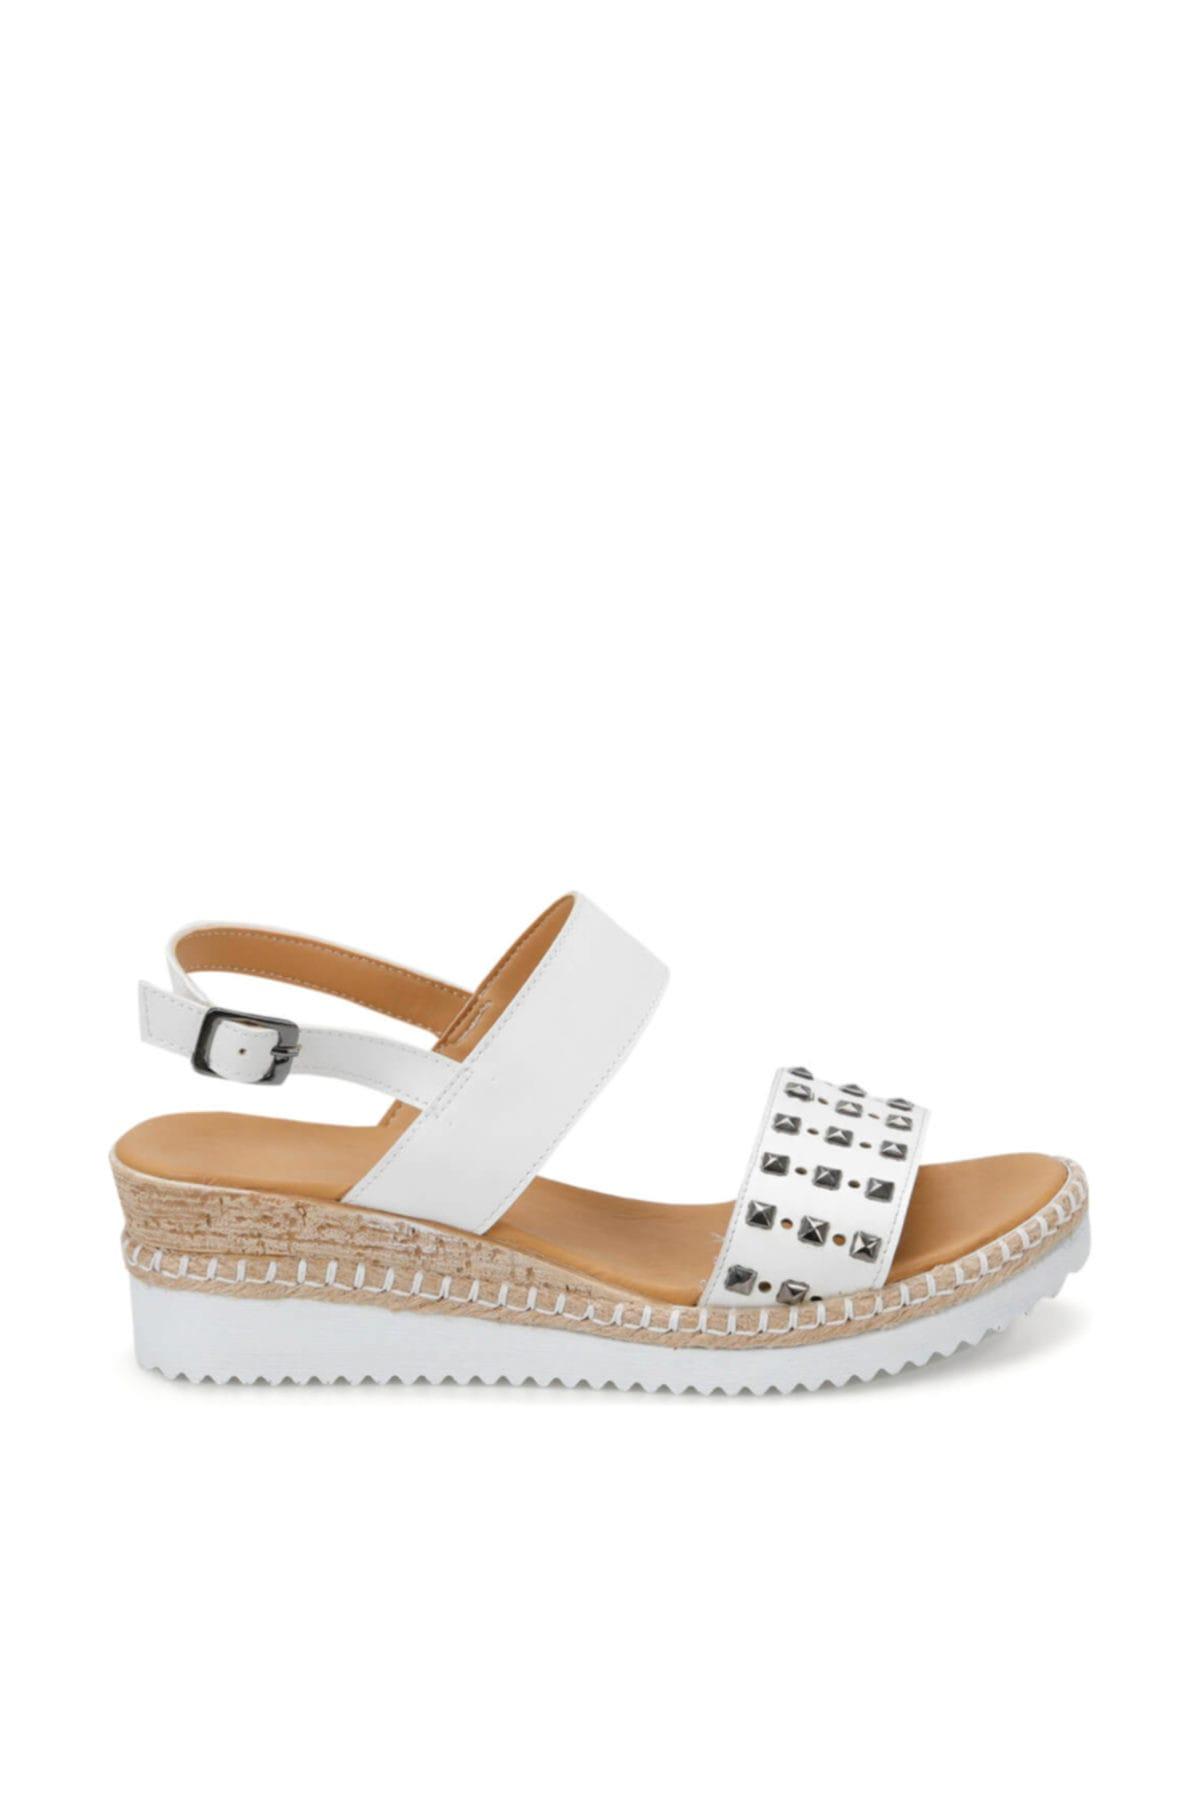 ART BELLA Cs19132 Beyaz Kadın Sandalet 100382775 2